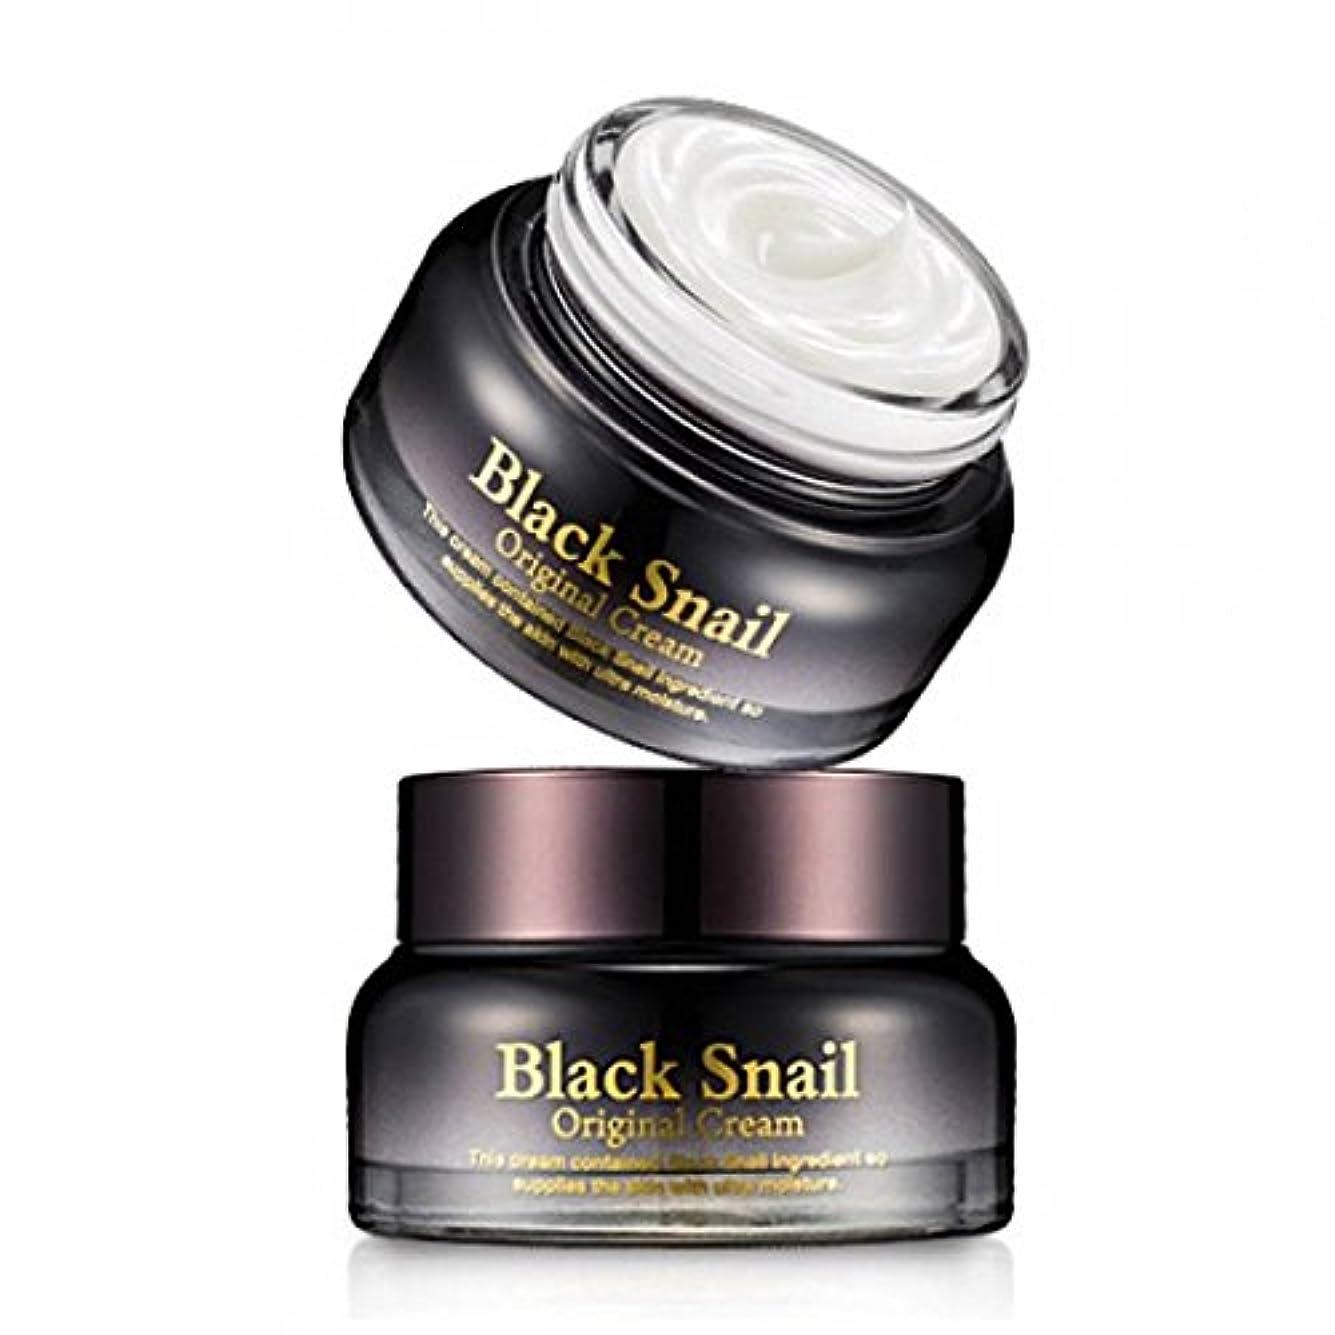 新しさ軽くキャロラインシークレットキー [韓国コスメ Secret Key] ブラックスネイル オリジナルクリーム Secret Key Black Snail Original Cream [並行輸入品]